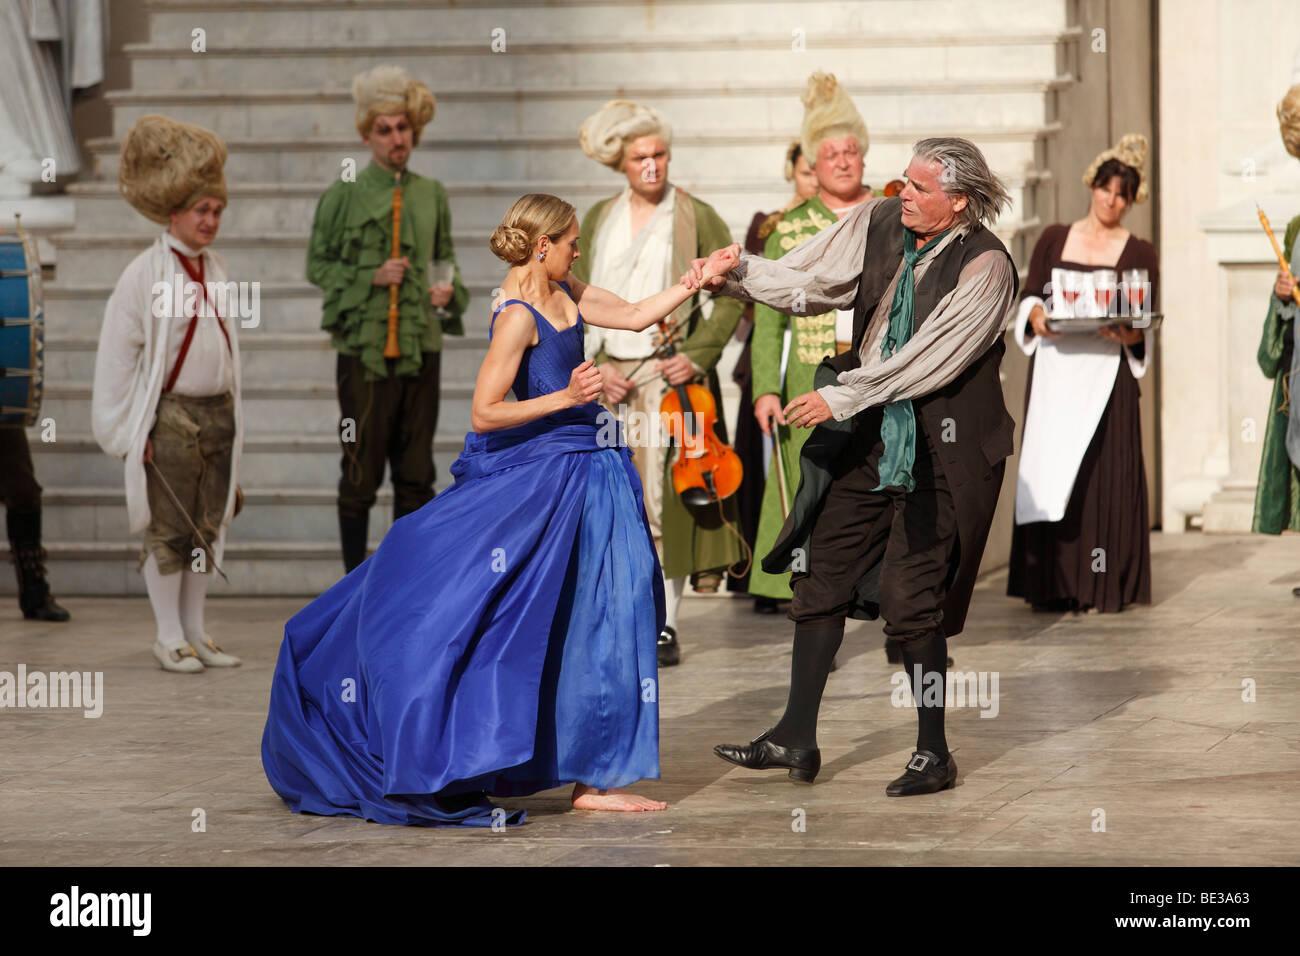 Jedermann, jedermann, 2009, von Peter Simonischek mit Sophie von Kessel gespielt, wie Everyman, Buhlschaft, spielen Stockbild